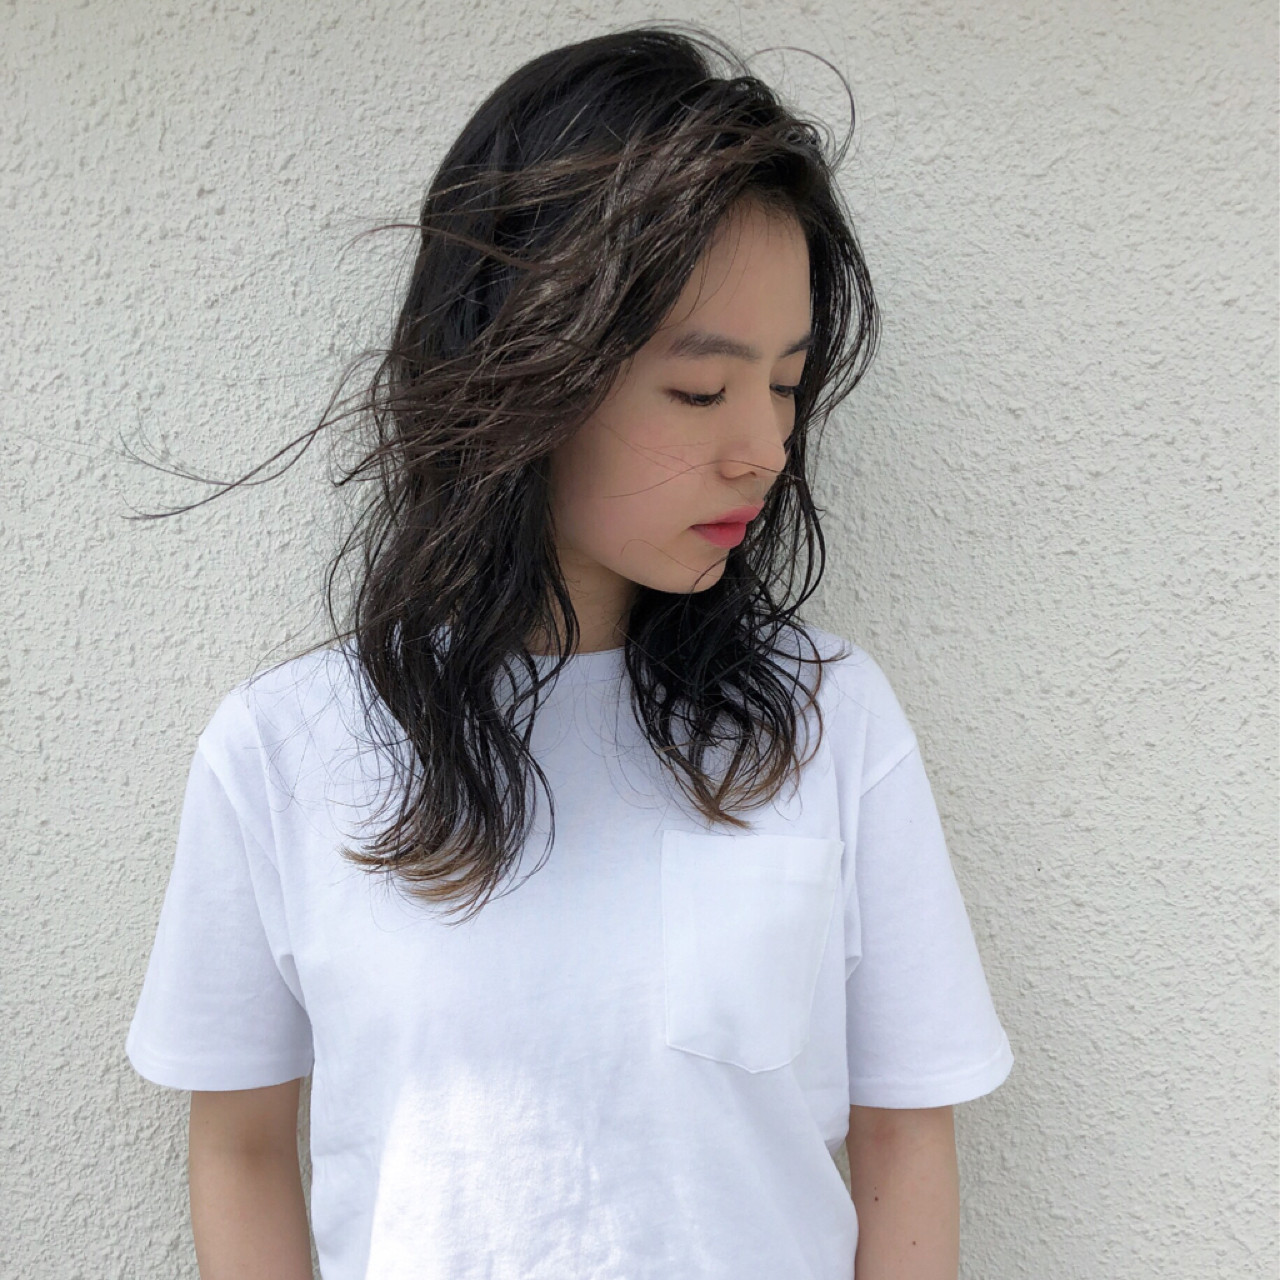 ウェーブ グラデーションカラー ミディアム 黒髪 ヘアスタイルや髪型の写真・画像